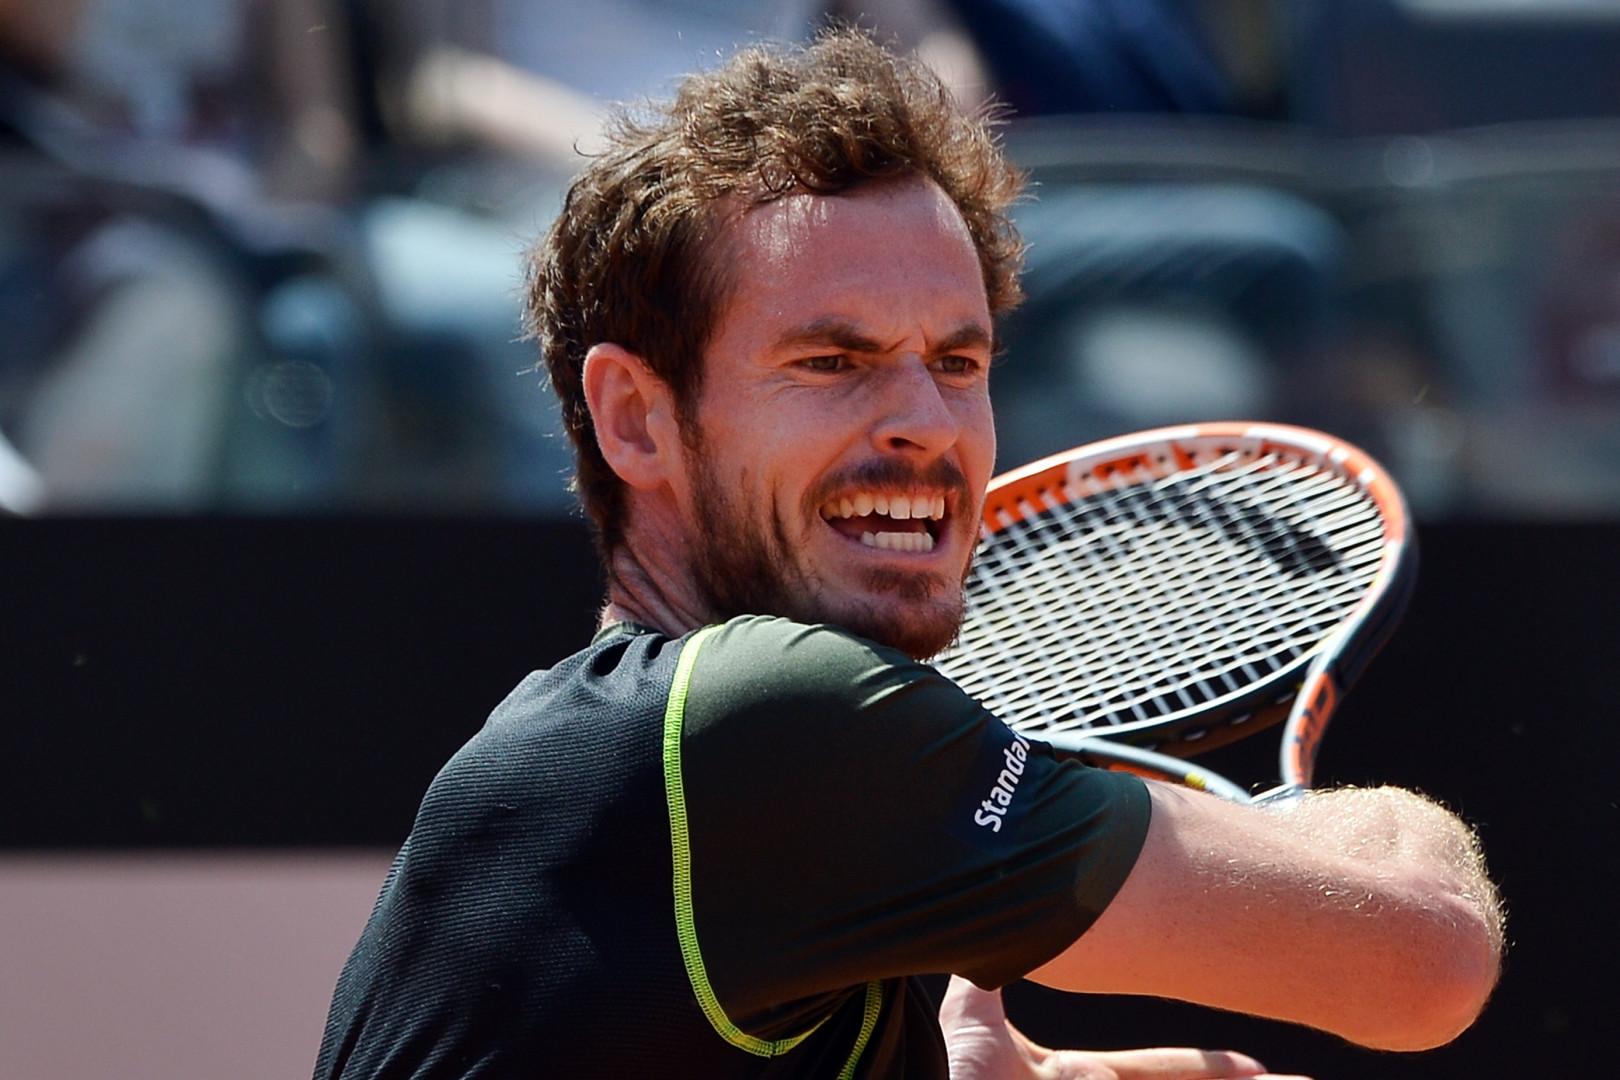 Andy Murray arrive Porte d'Auteuil en tant que numéro 1 mondial.